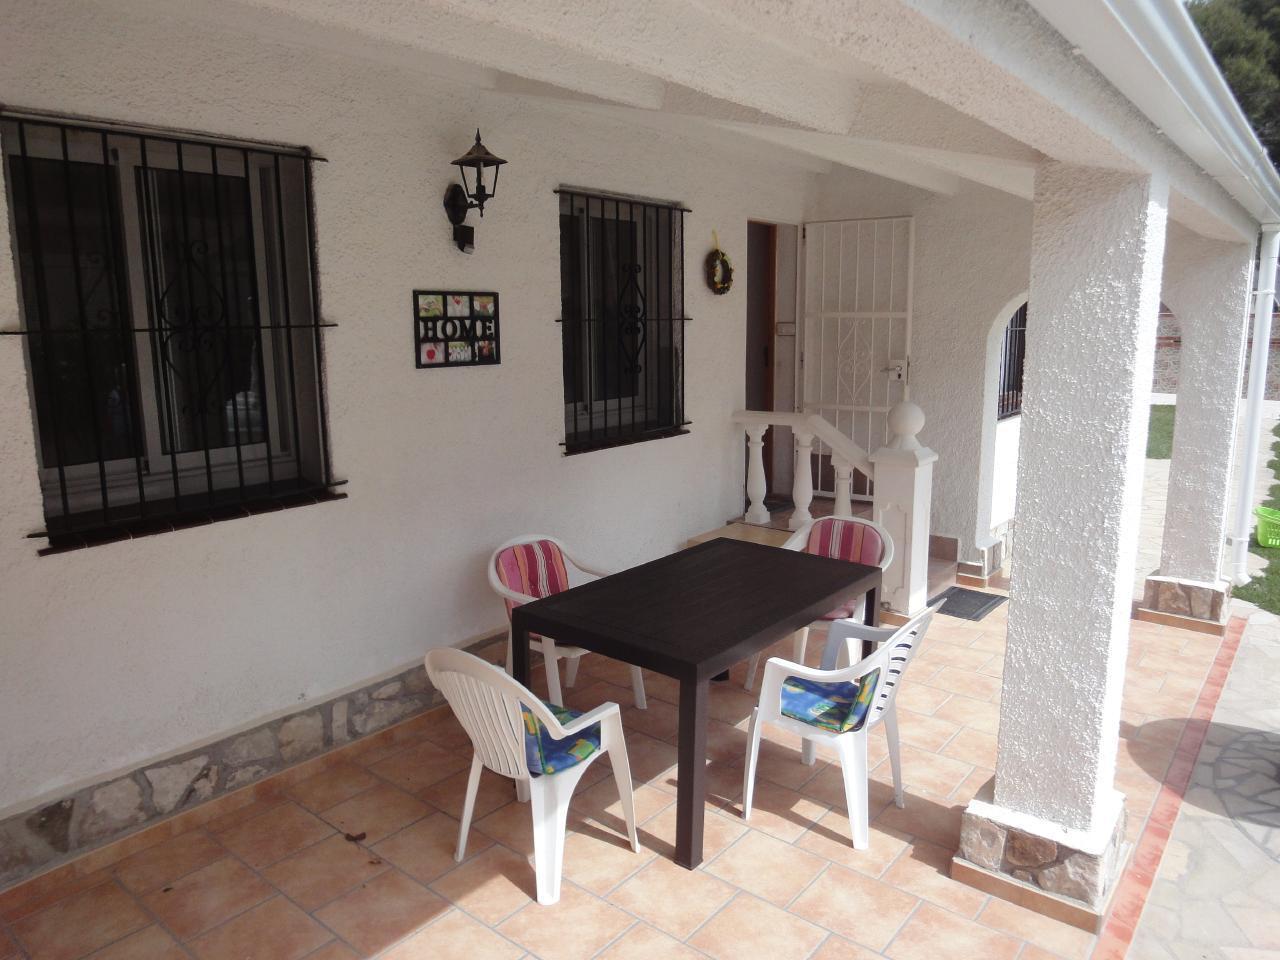 Ferienhaus mit WiFi Privat-Pool ohne Einsicht gute Preise (1901111), L'Ametlla de Mar, Costa Dorada, Katalonien, Spanien, Bild 21